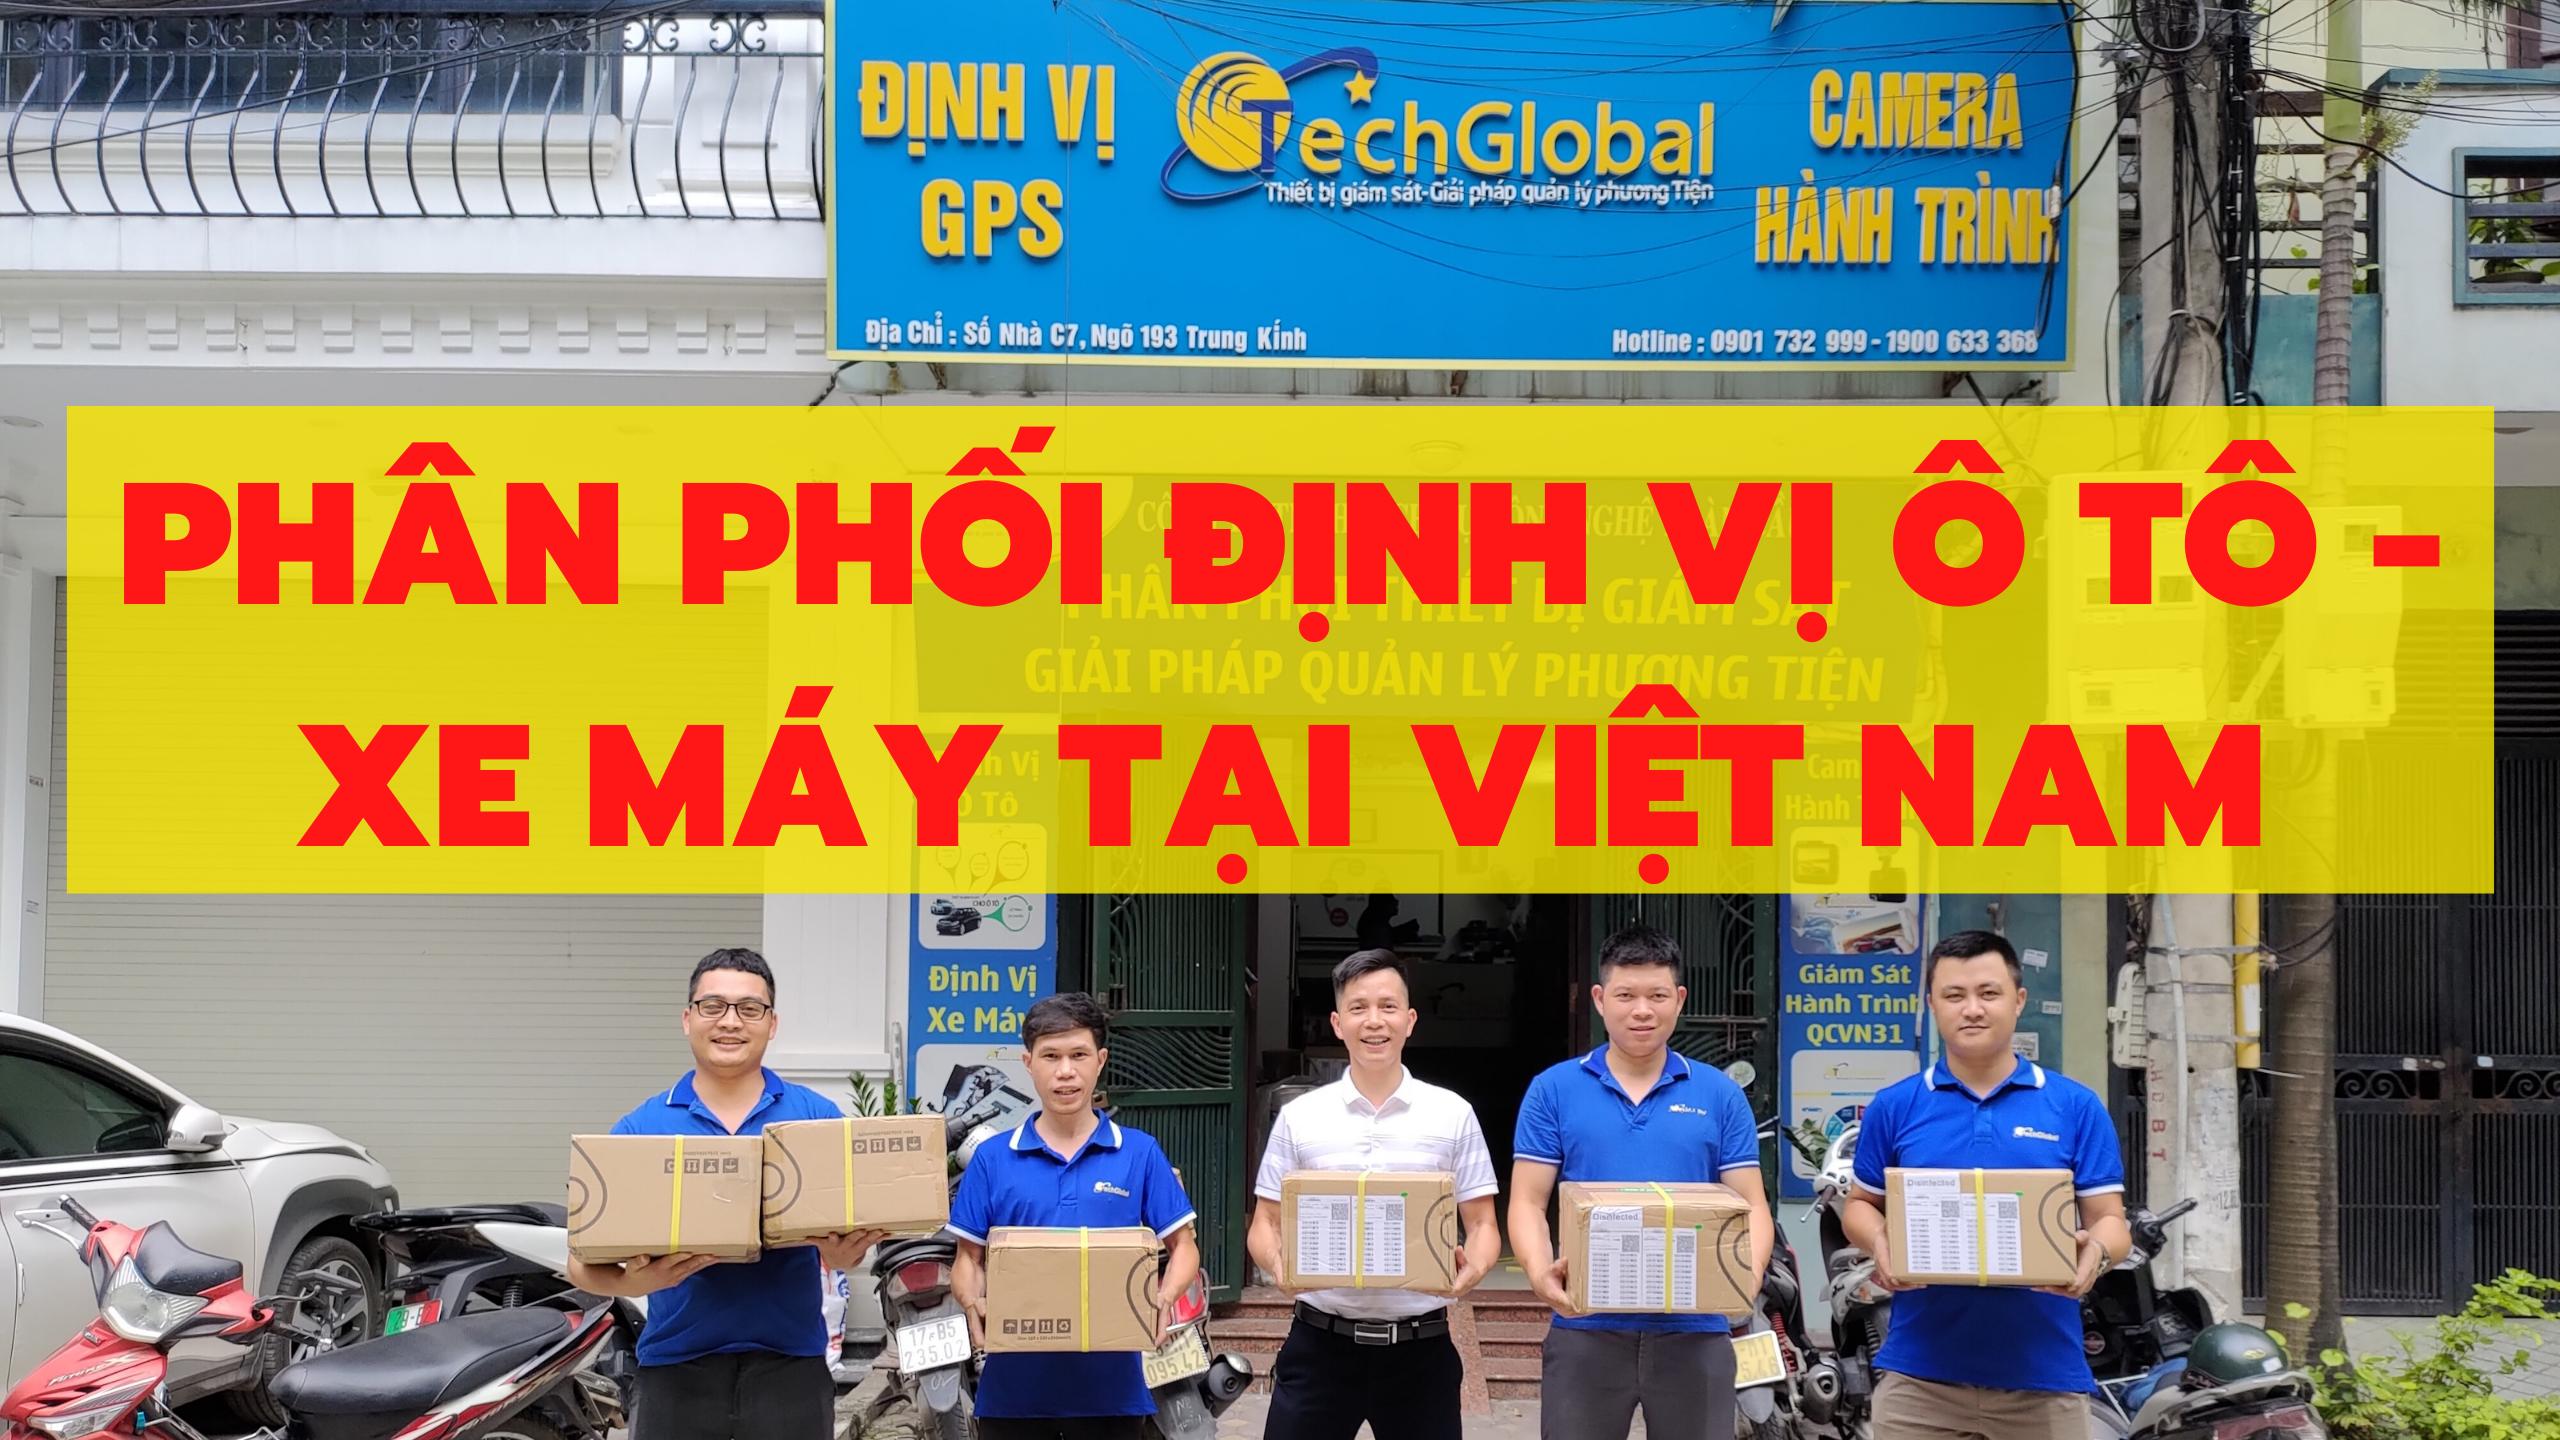 Nhà phân phối thiết bị định vị tại Việt Nam - Đa dạng mẫu mã - Giá tốt - Chiết khấu cao.